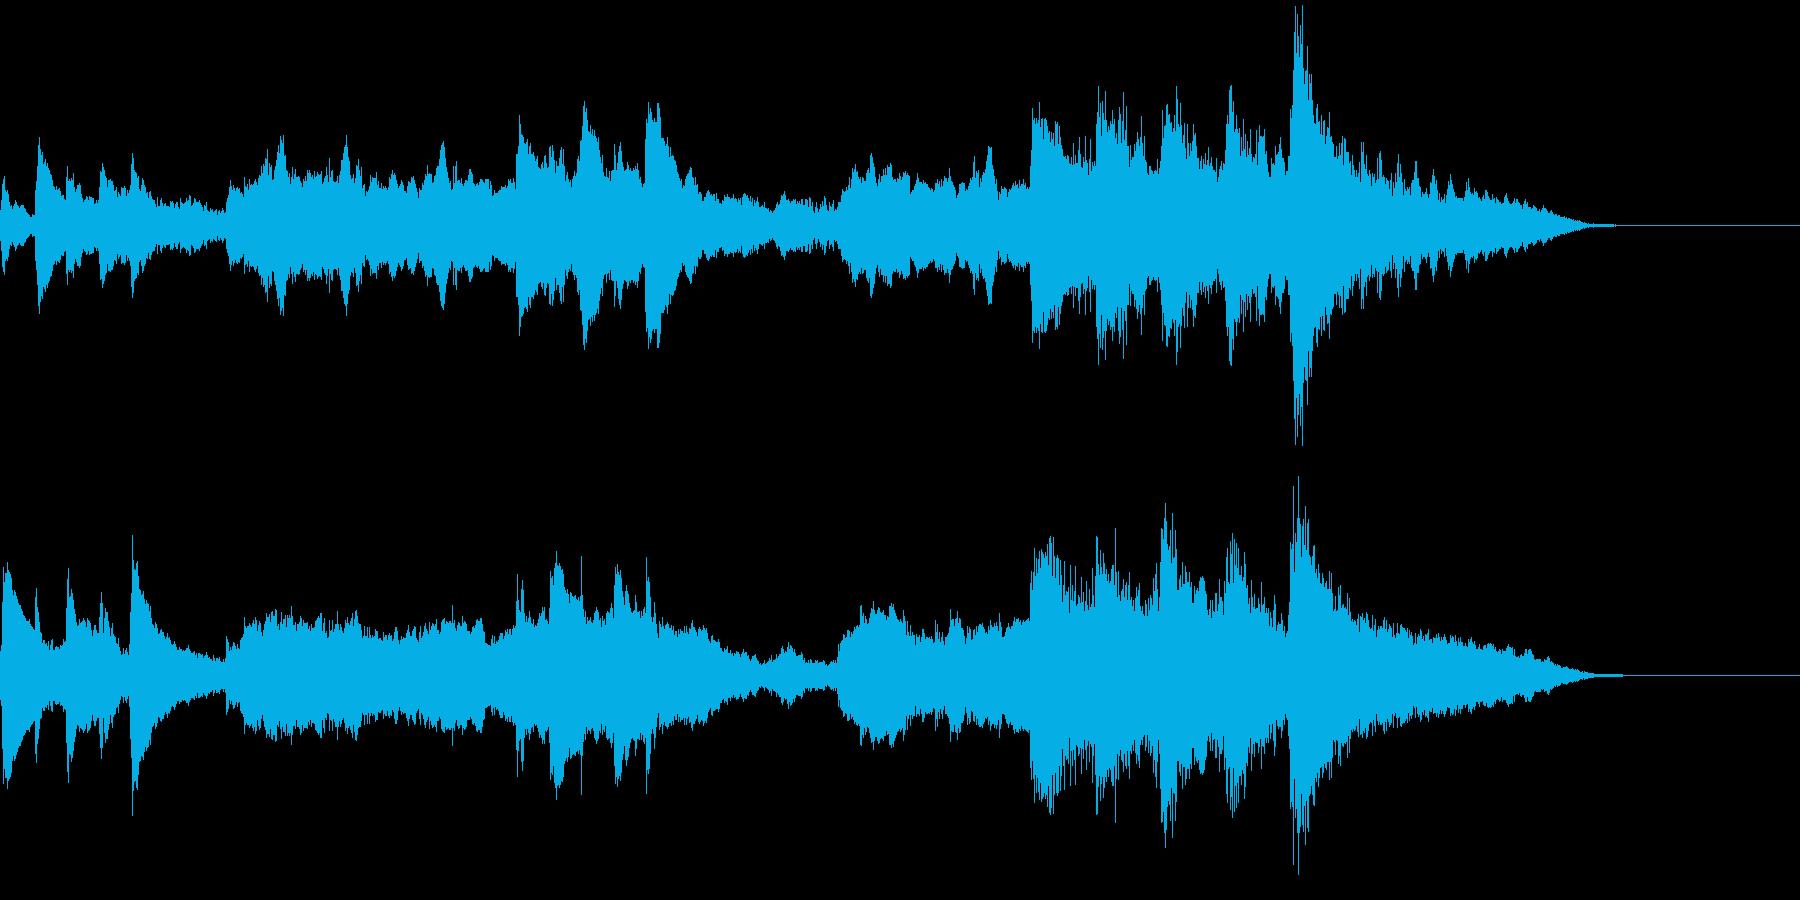 冬向けピアノとファゴットの深みあるBGMの再生済みの波形